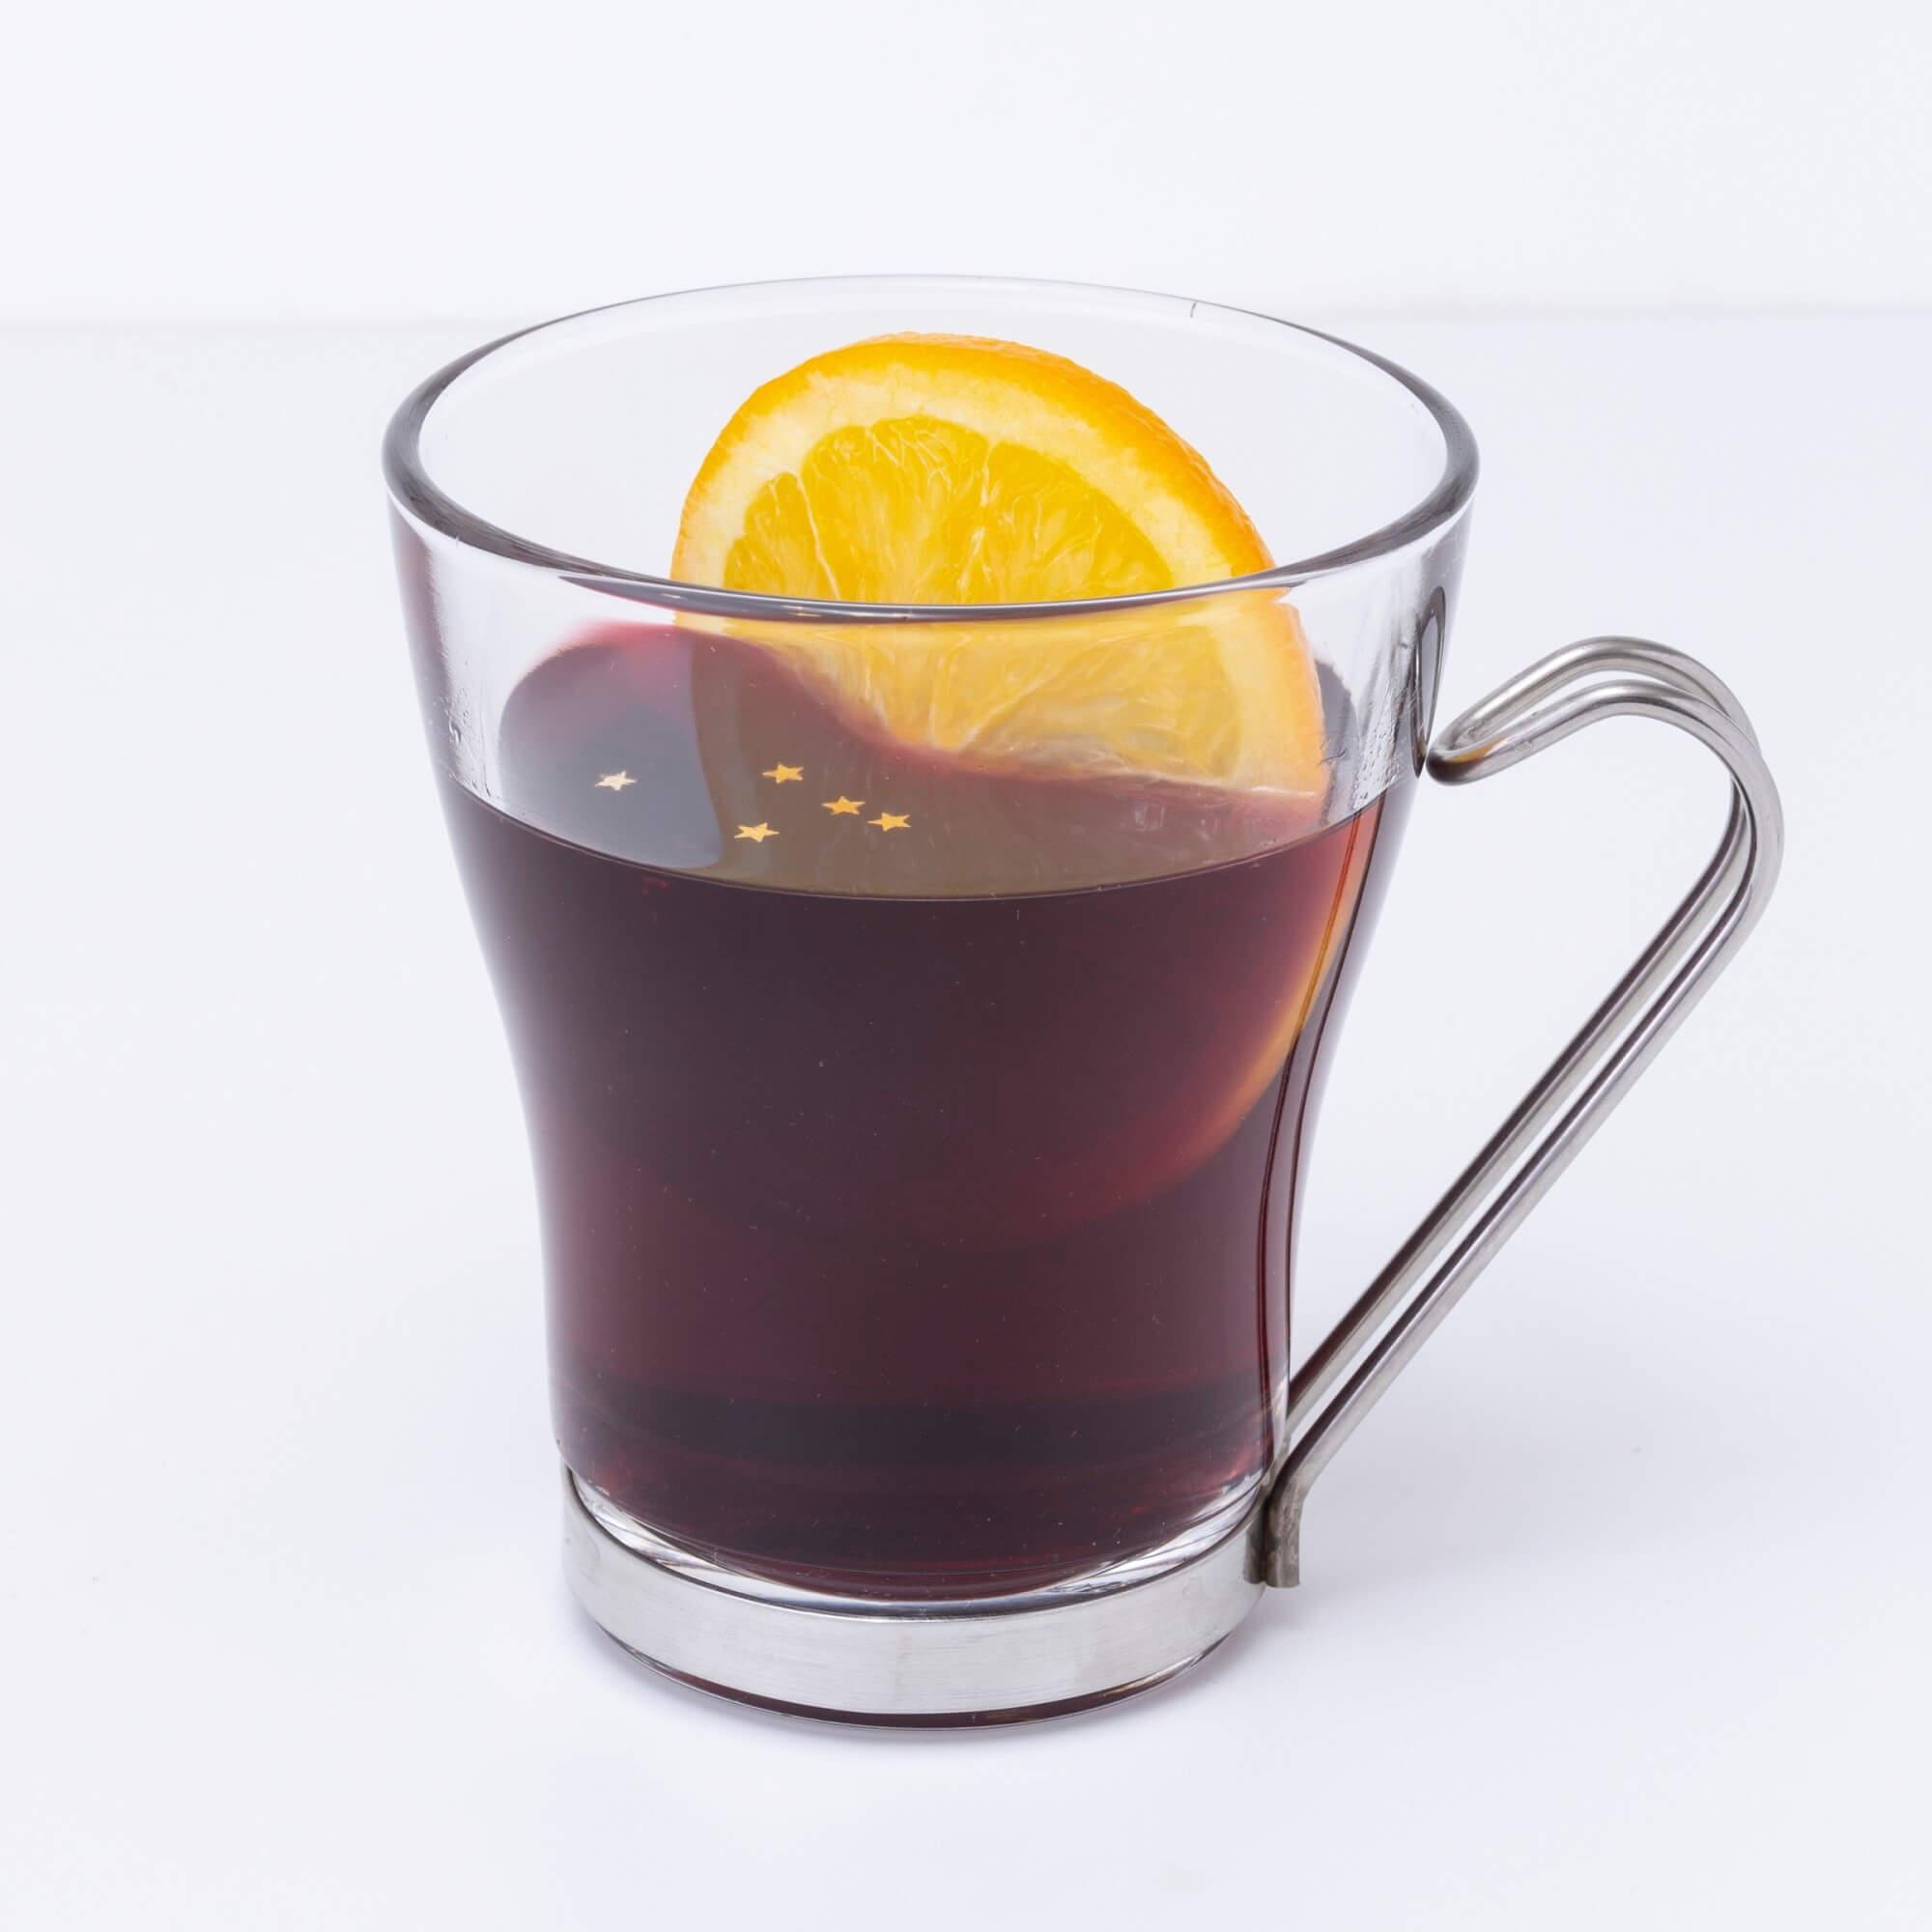 オレンジのホット赤ワイン